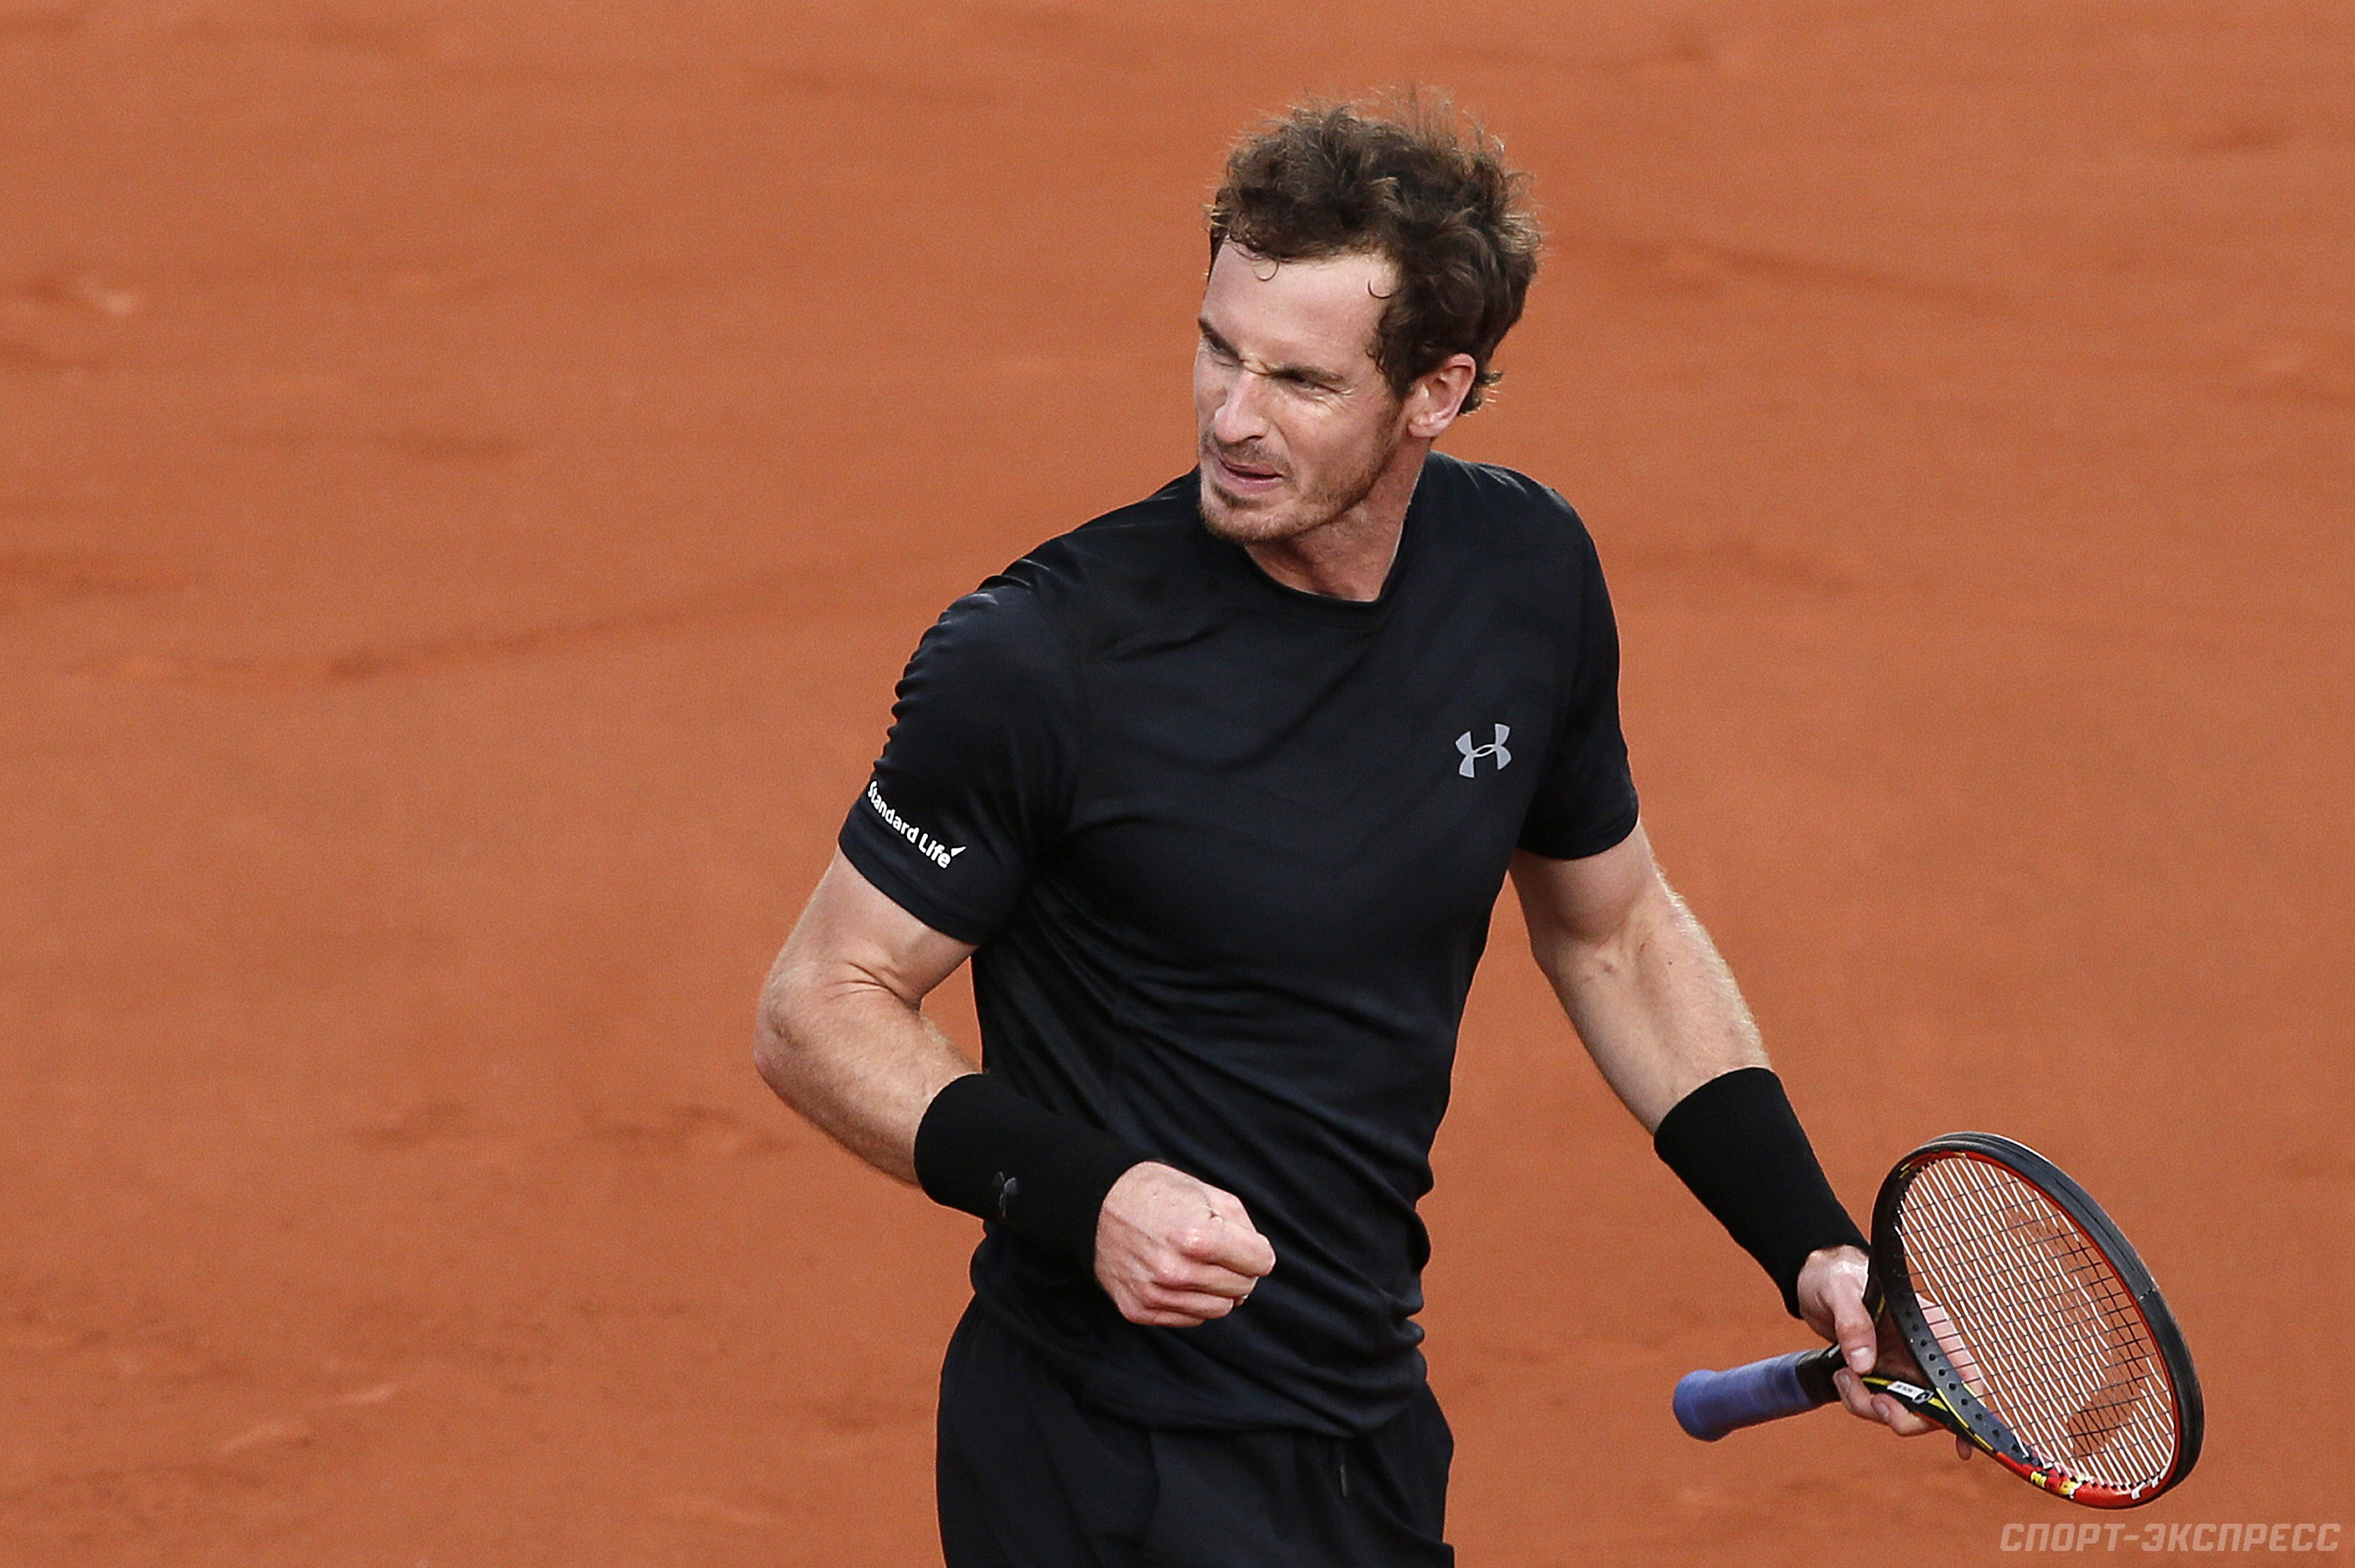 Маррэй вышел во второй круг Roland Garros. Теннис -